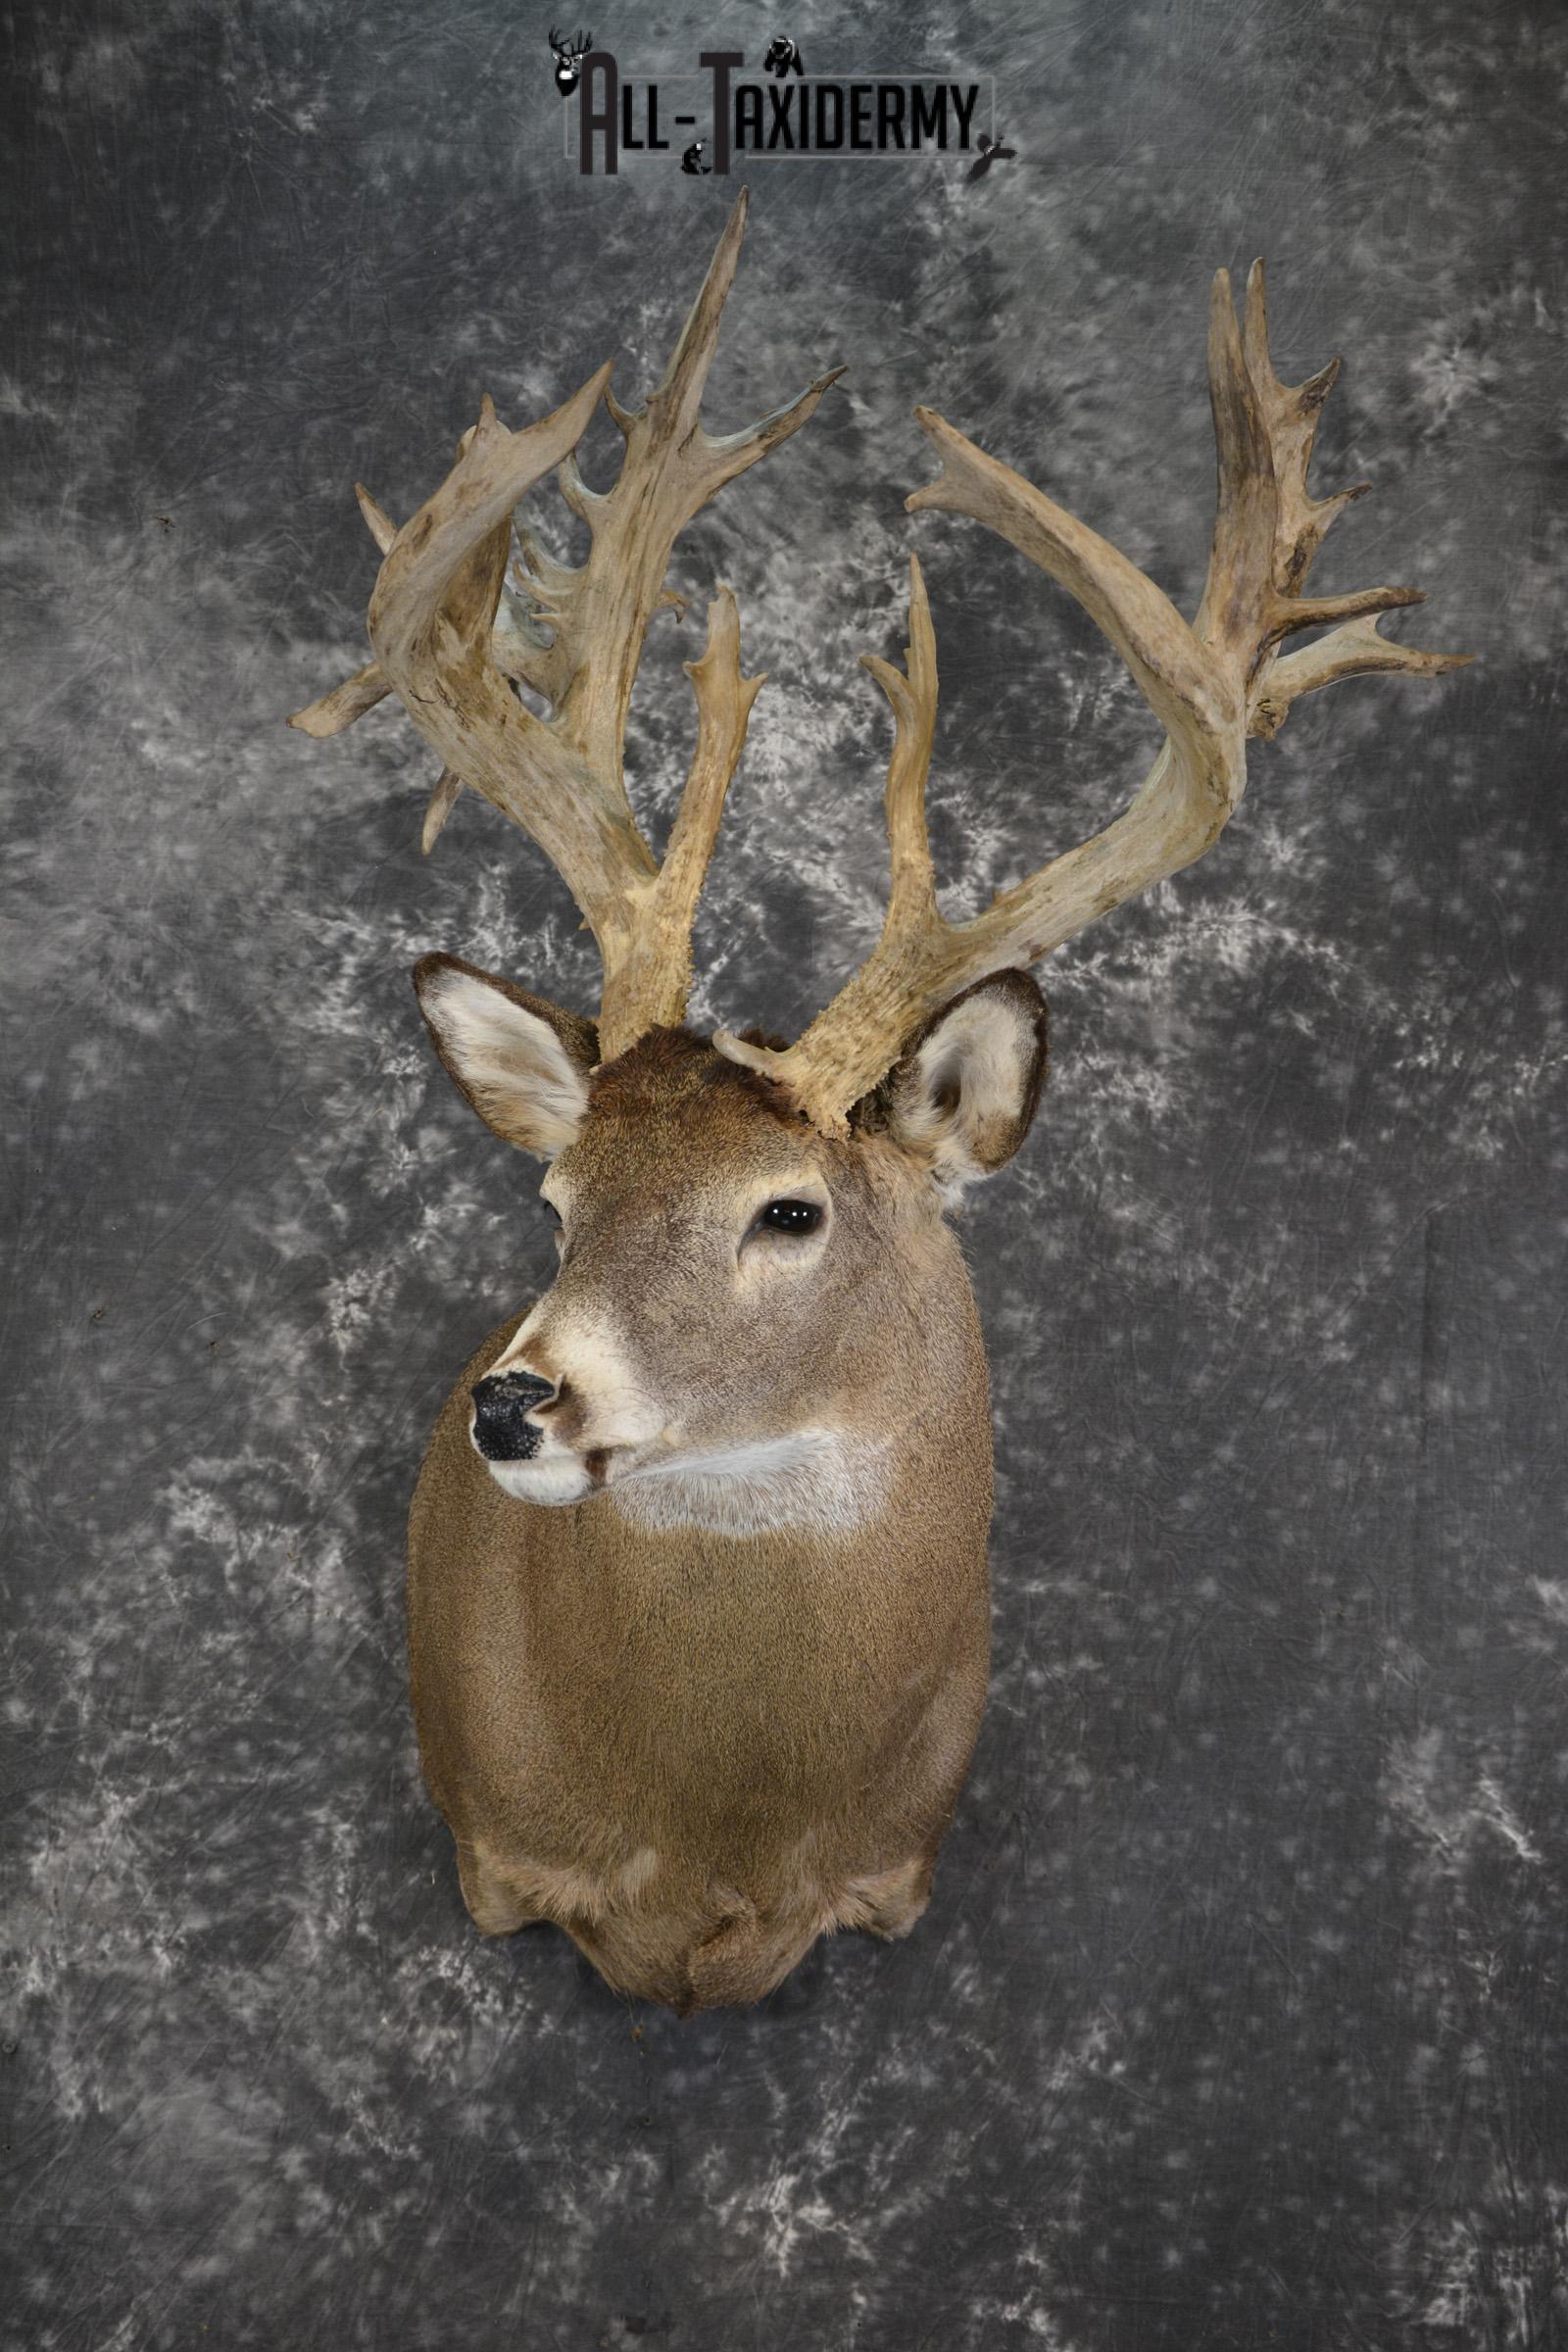 Whitetail deer shoulder taxidermy mount for sale SKU 1981